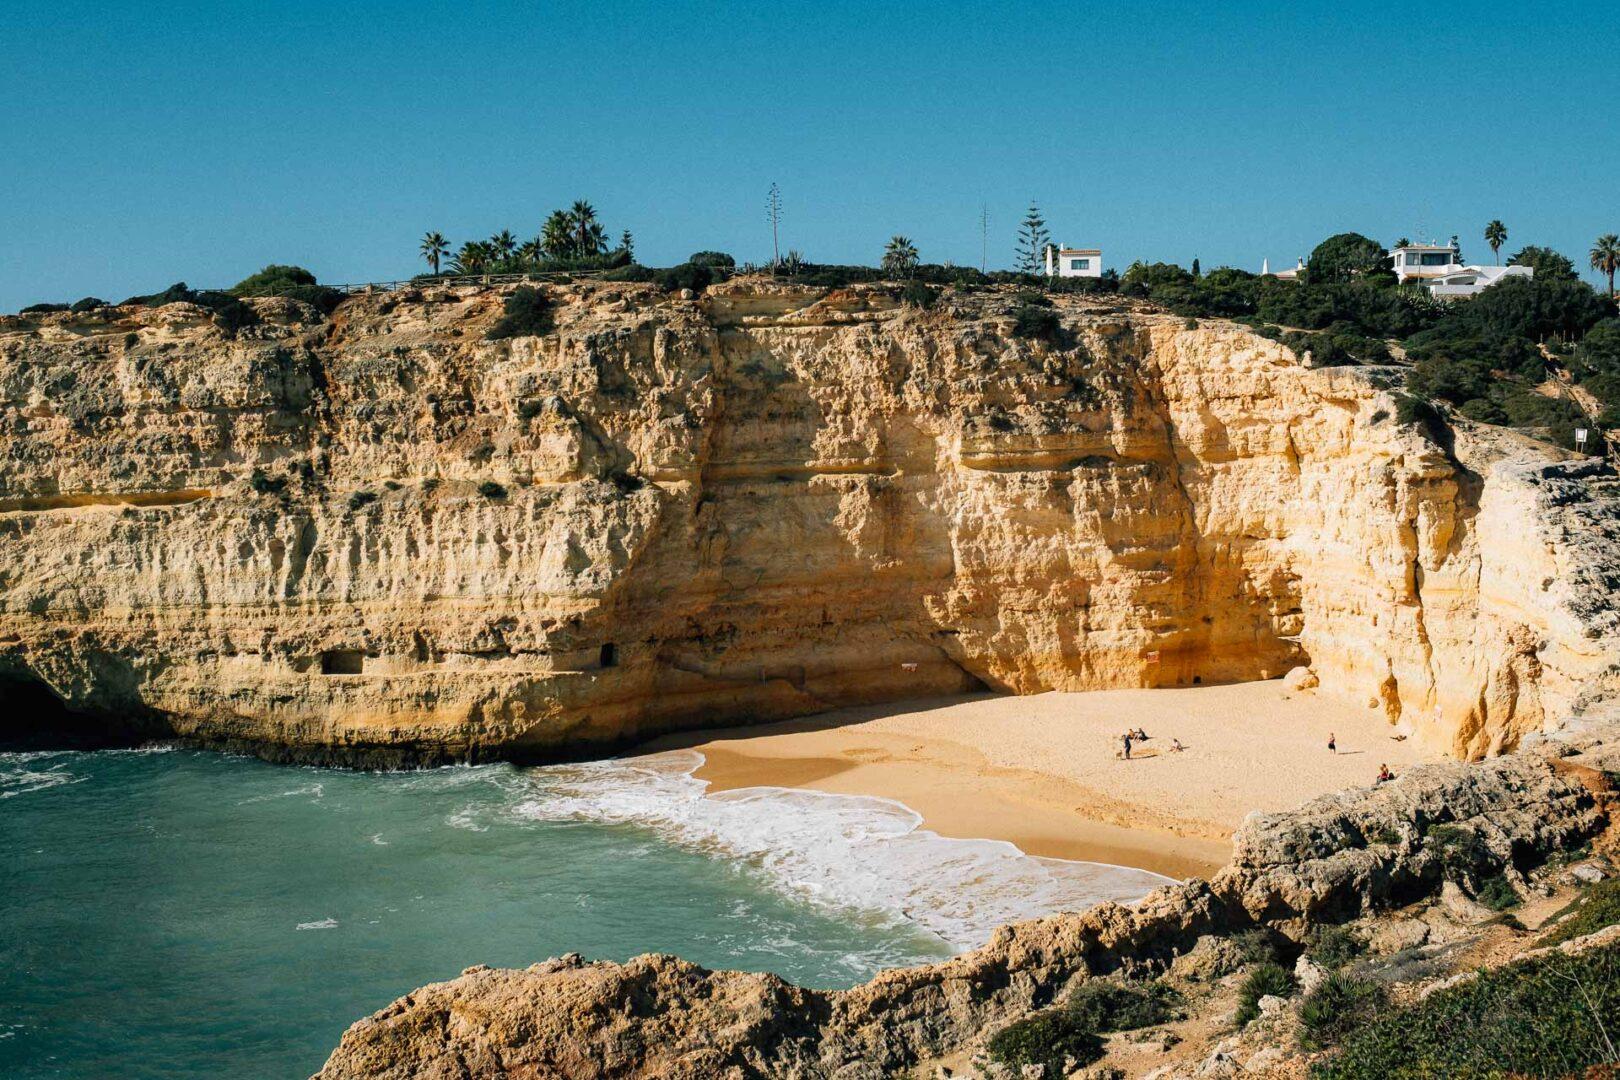 Världens finaste stränder - Praia do Carvalho